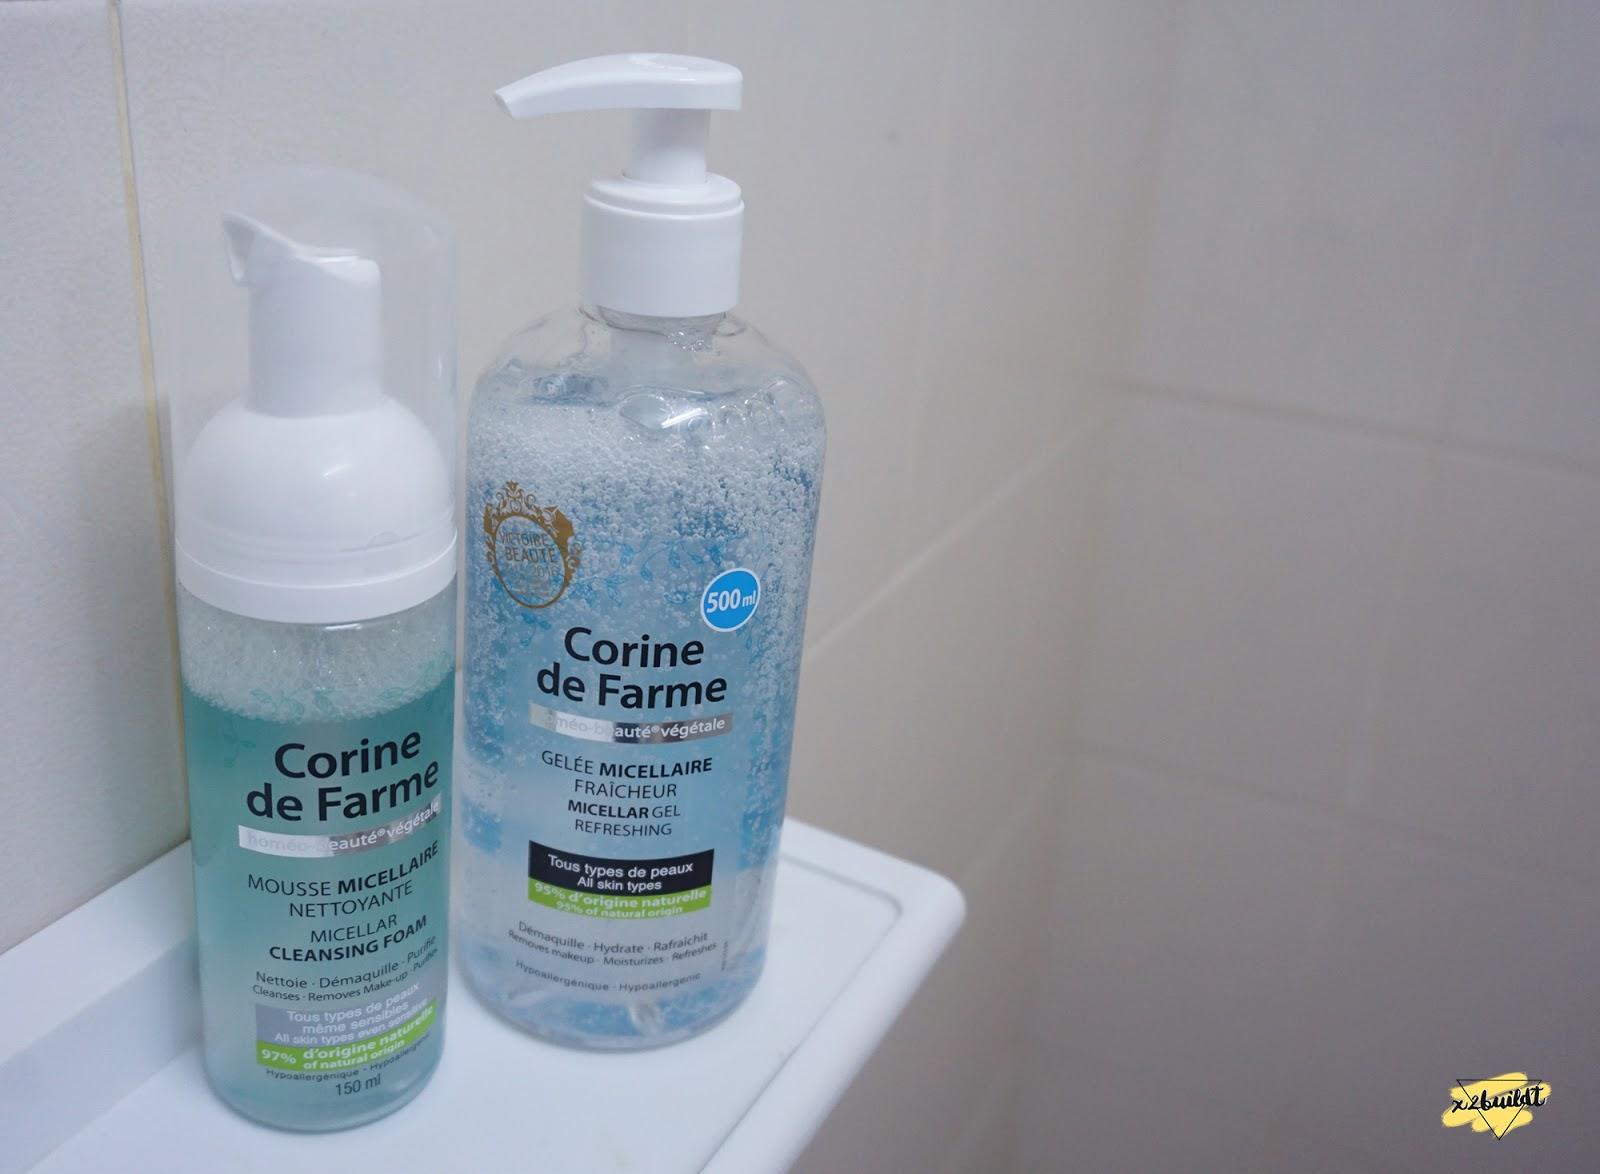 Corine De Farme Micellar Refreshing Gel Daftar Harga Terbaru Dan Bundling Mild Protecting 200 Ml Cleansing Foam